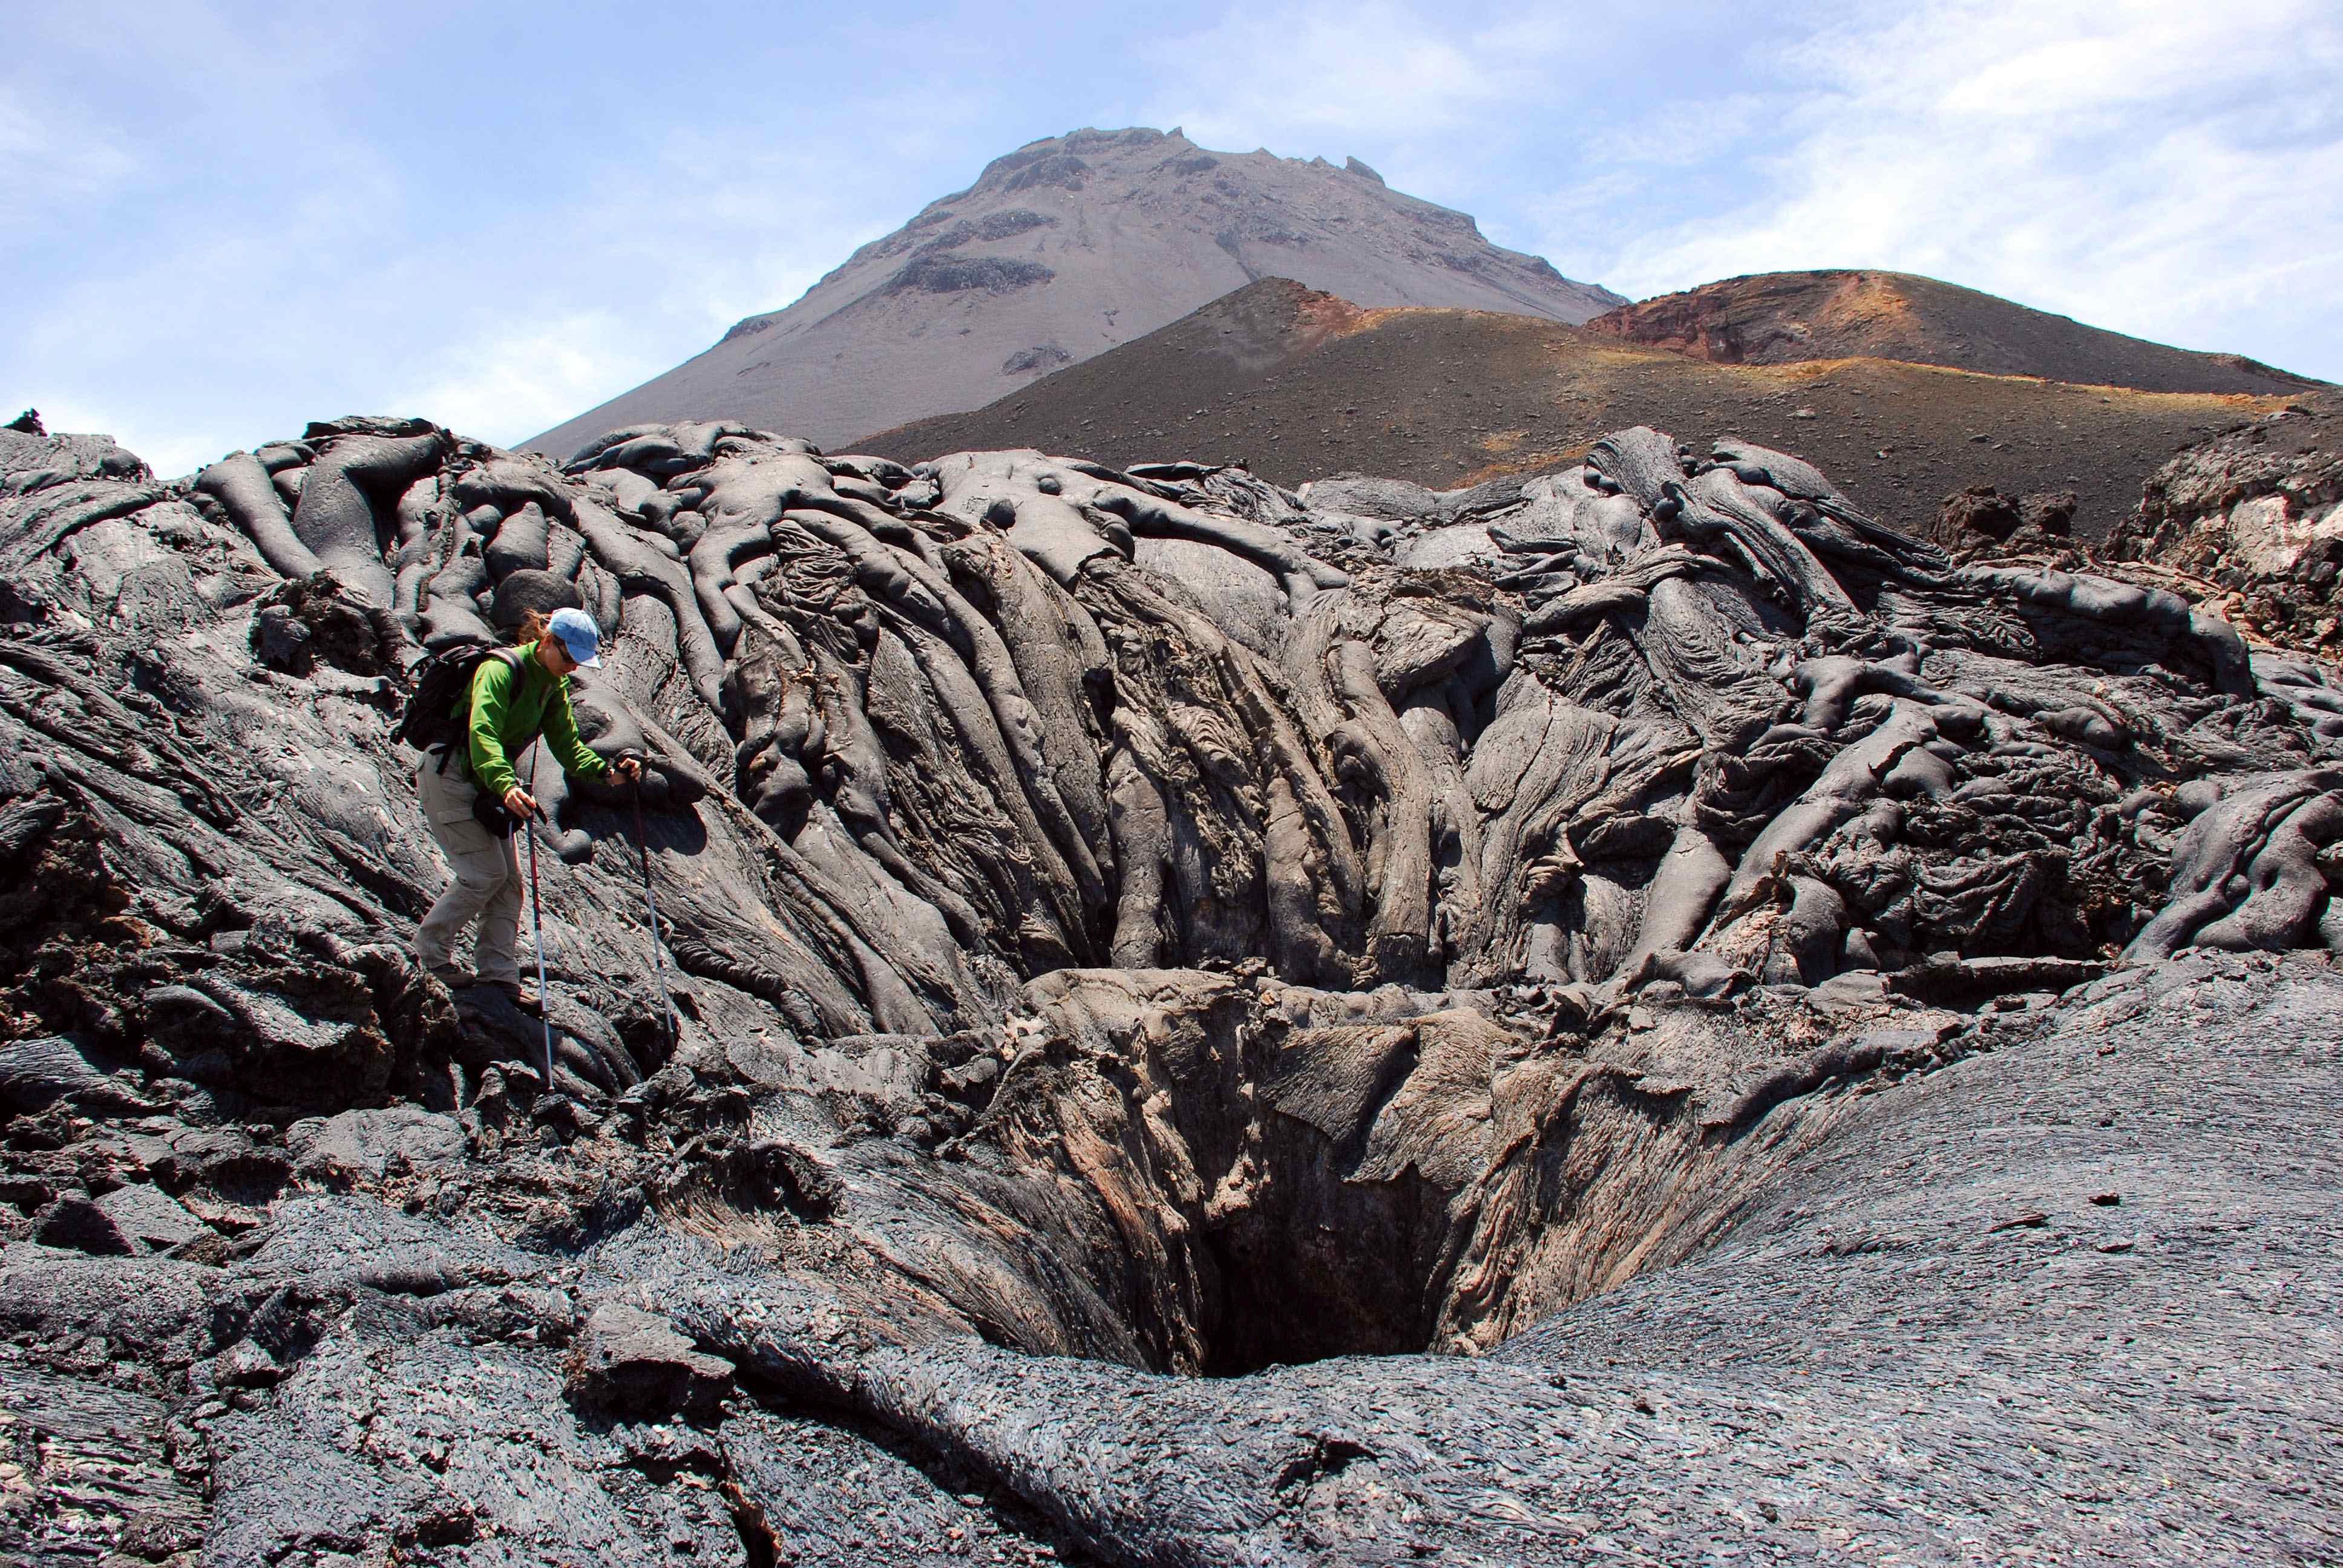 Vista del volcà de Fogo, a Lanzarote. /DIEGO CASAS